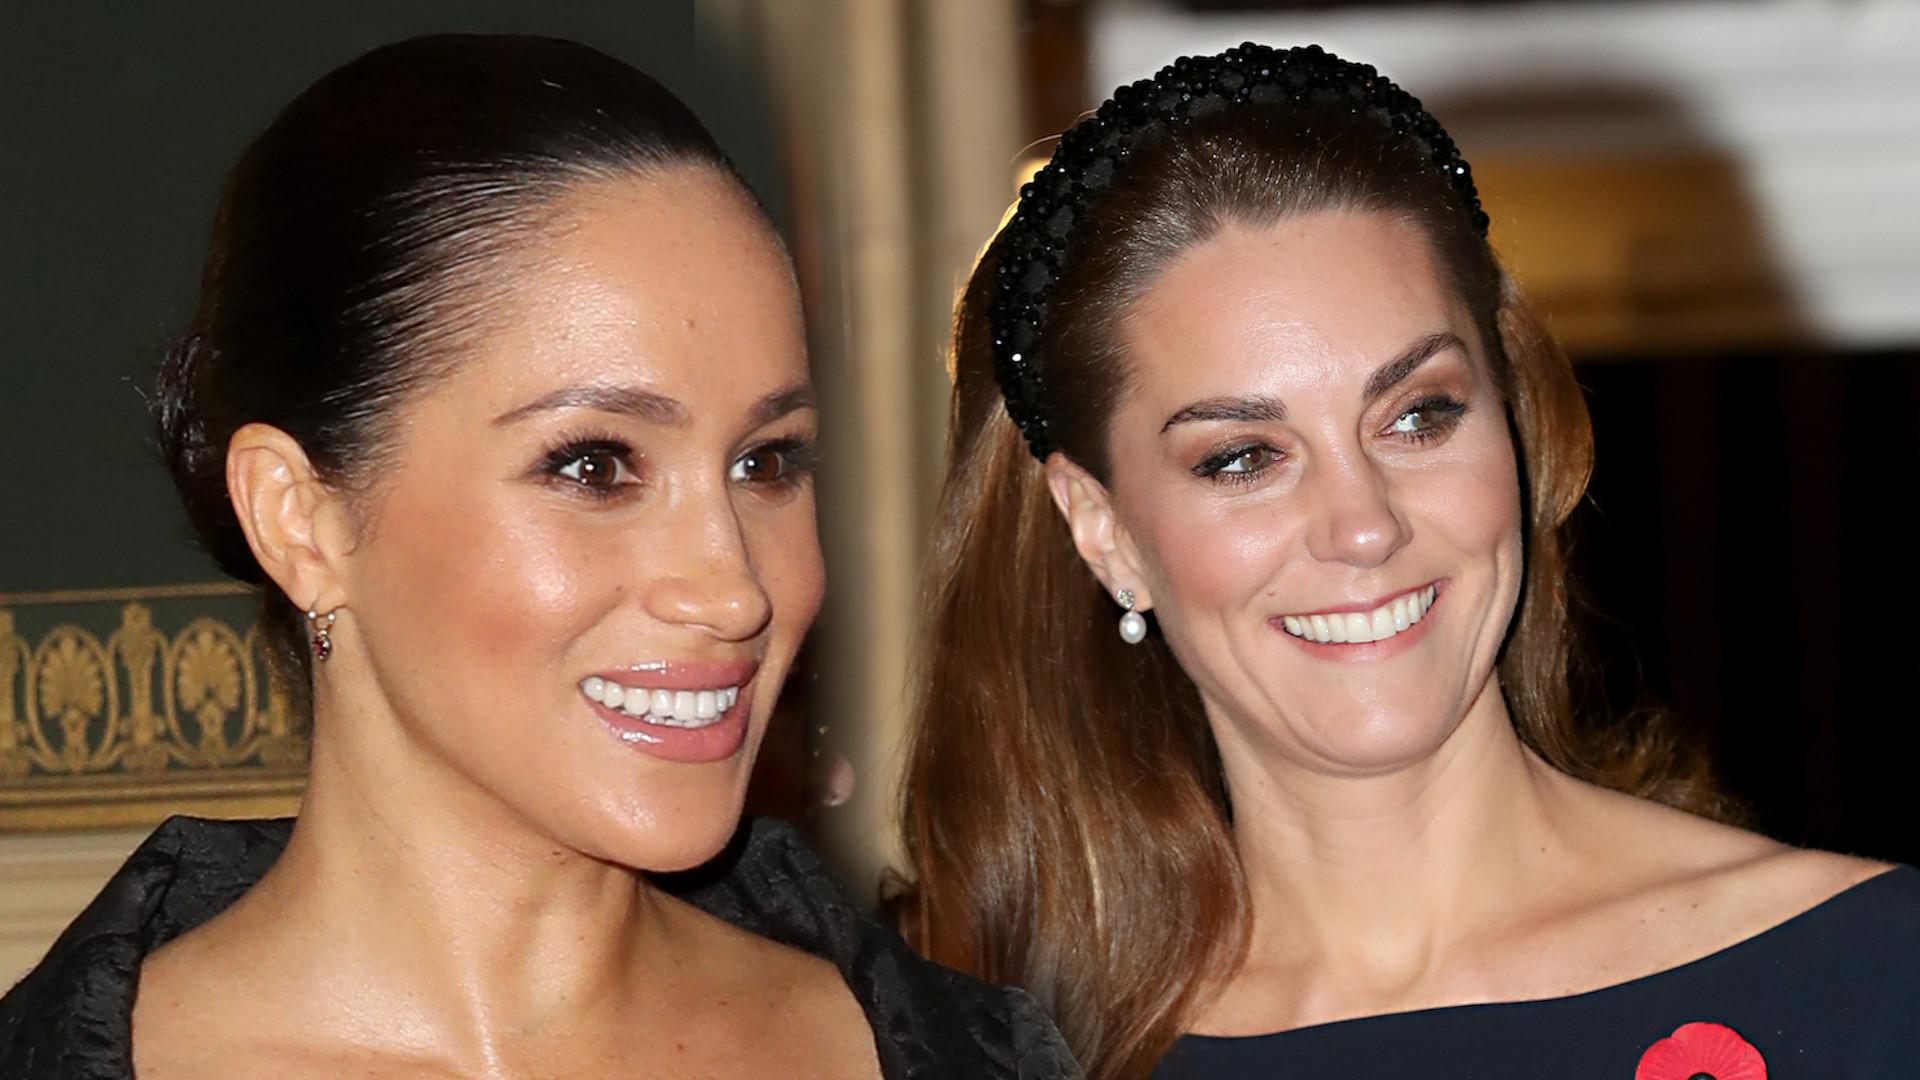 Kate Middleton i Meghan Markle na jednej imprezie. Ciężko zdecydować, która wyglądała lepiej!